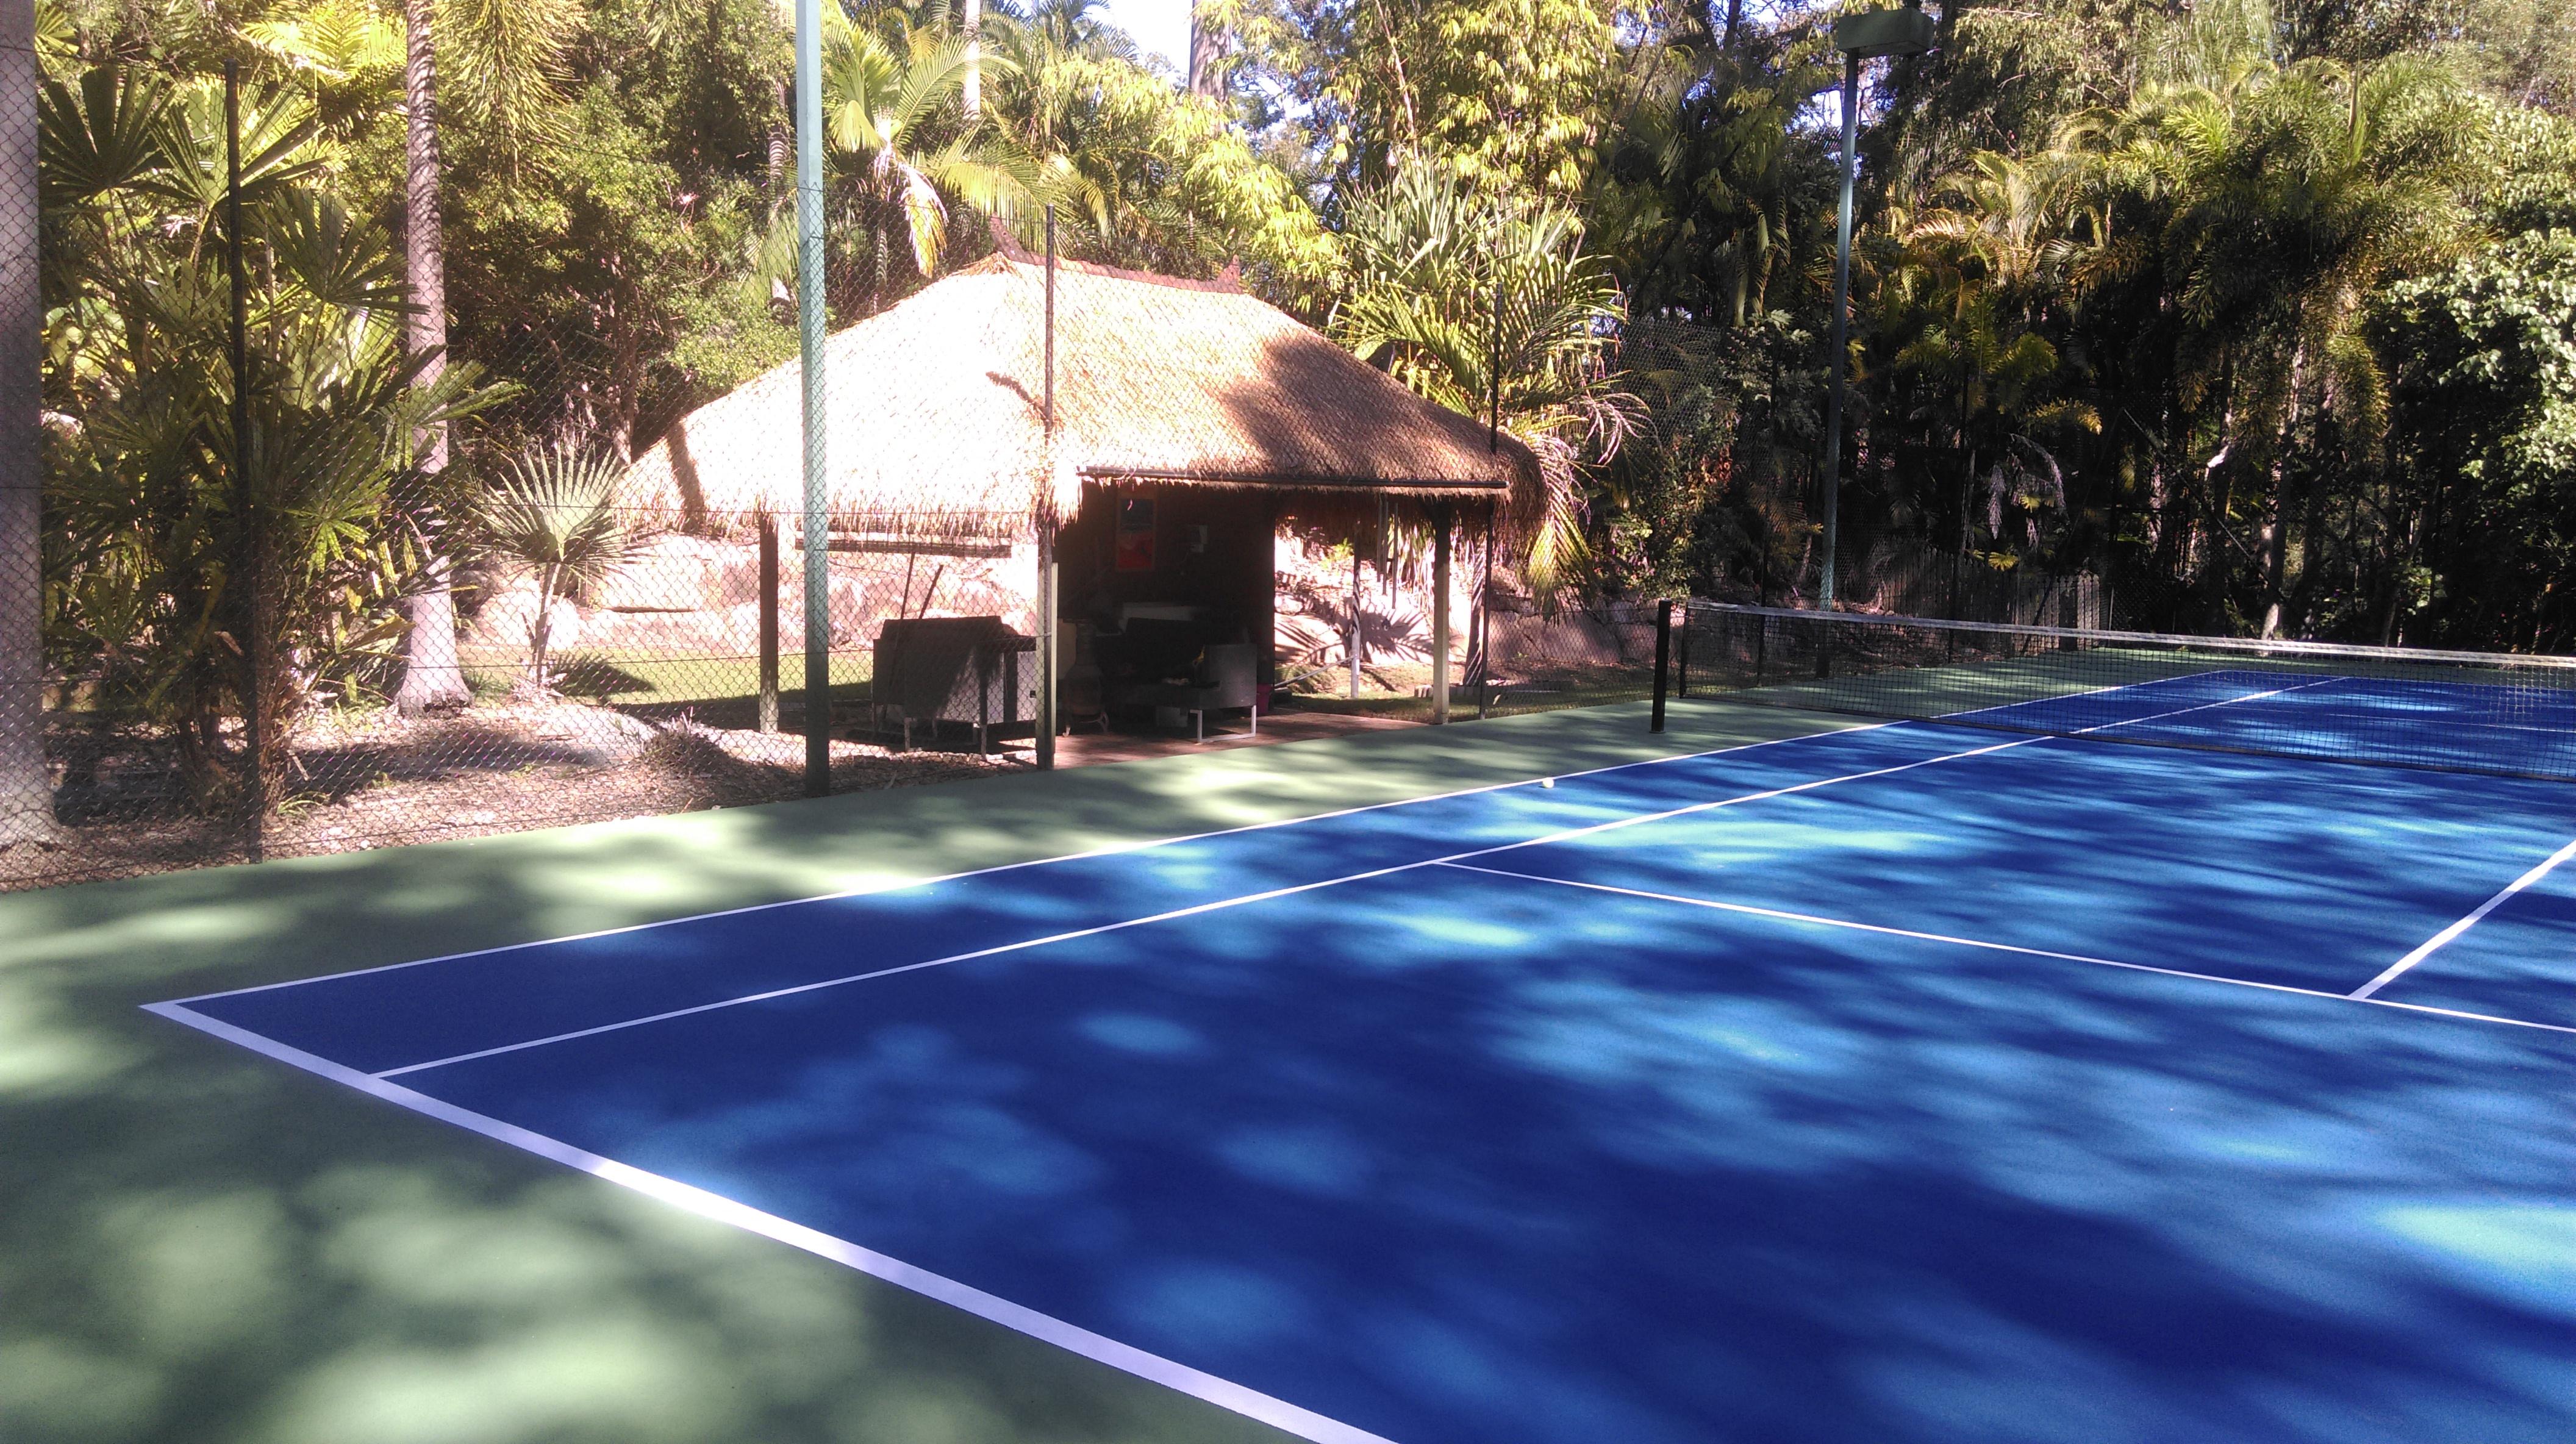 Balinese Gazebos for Tennis